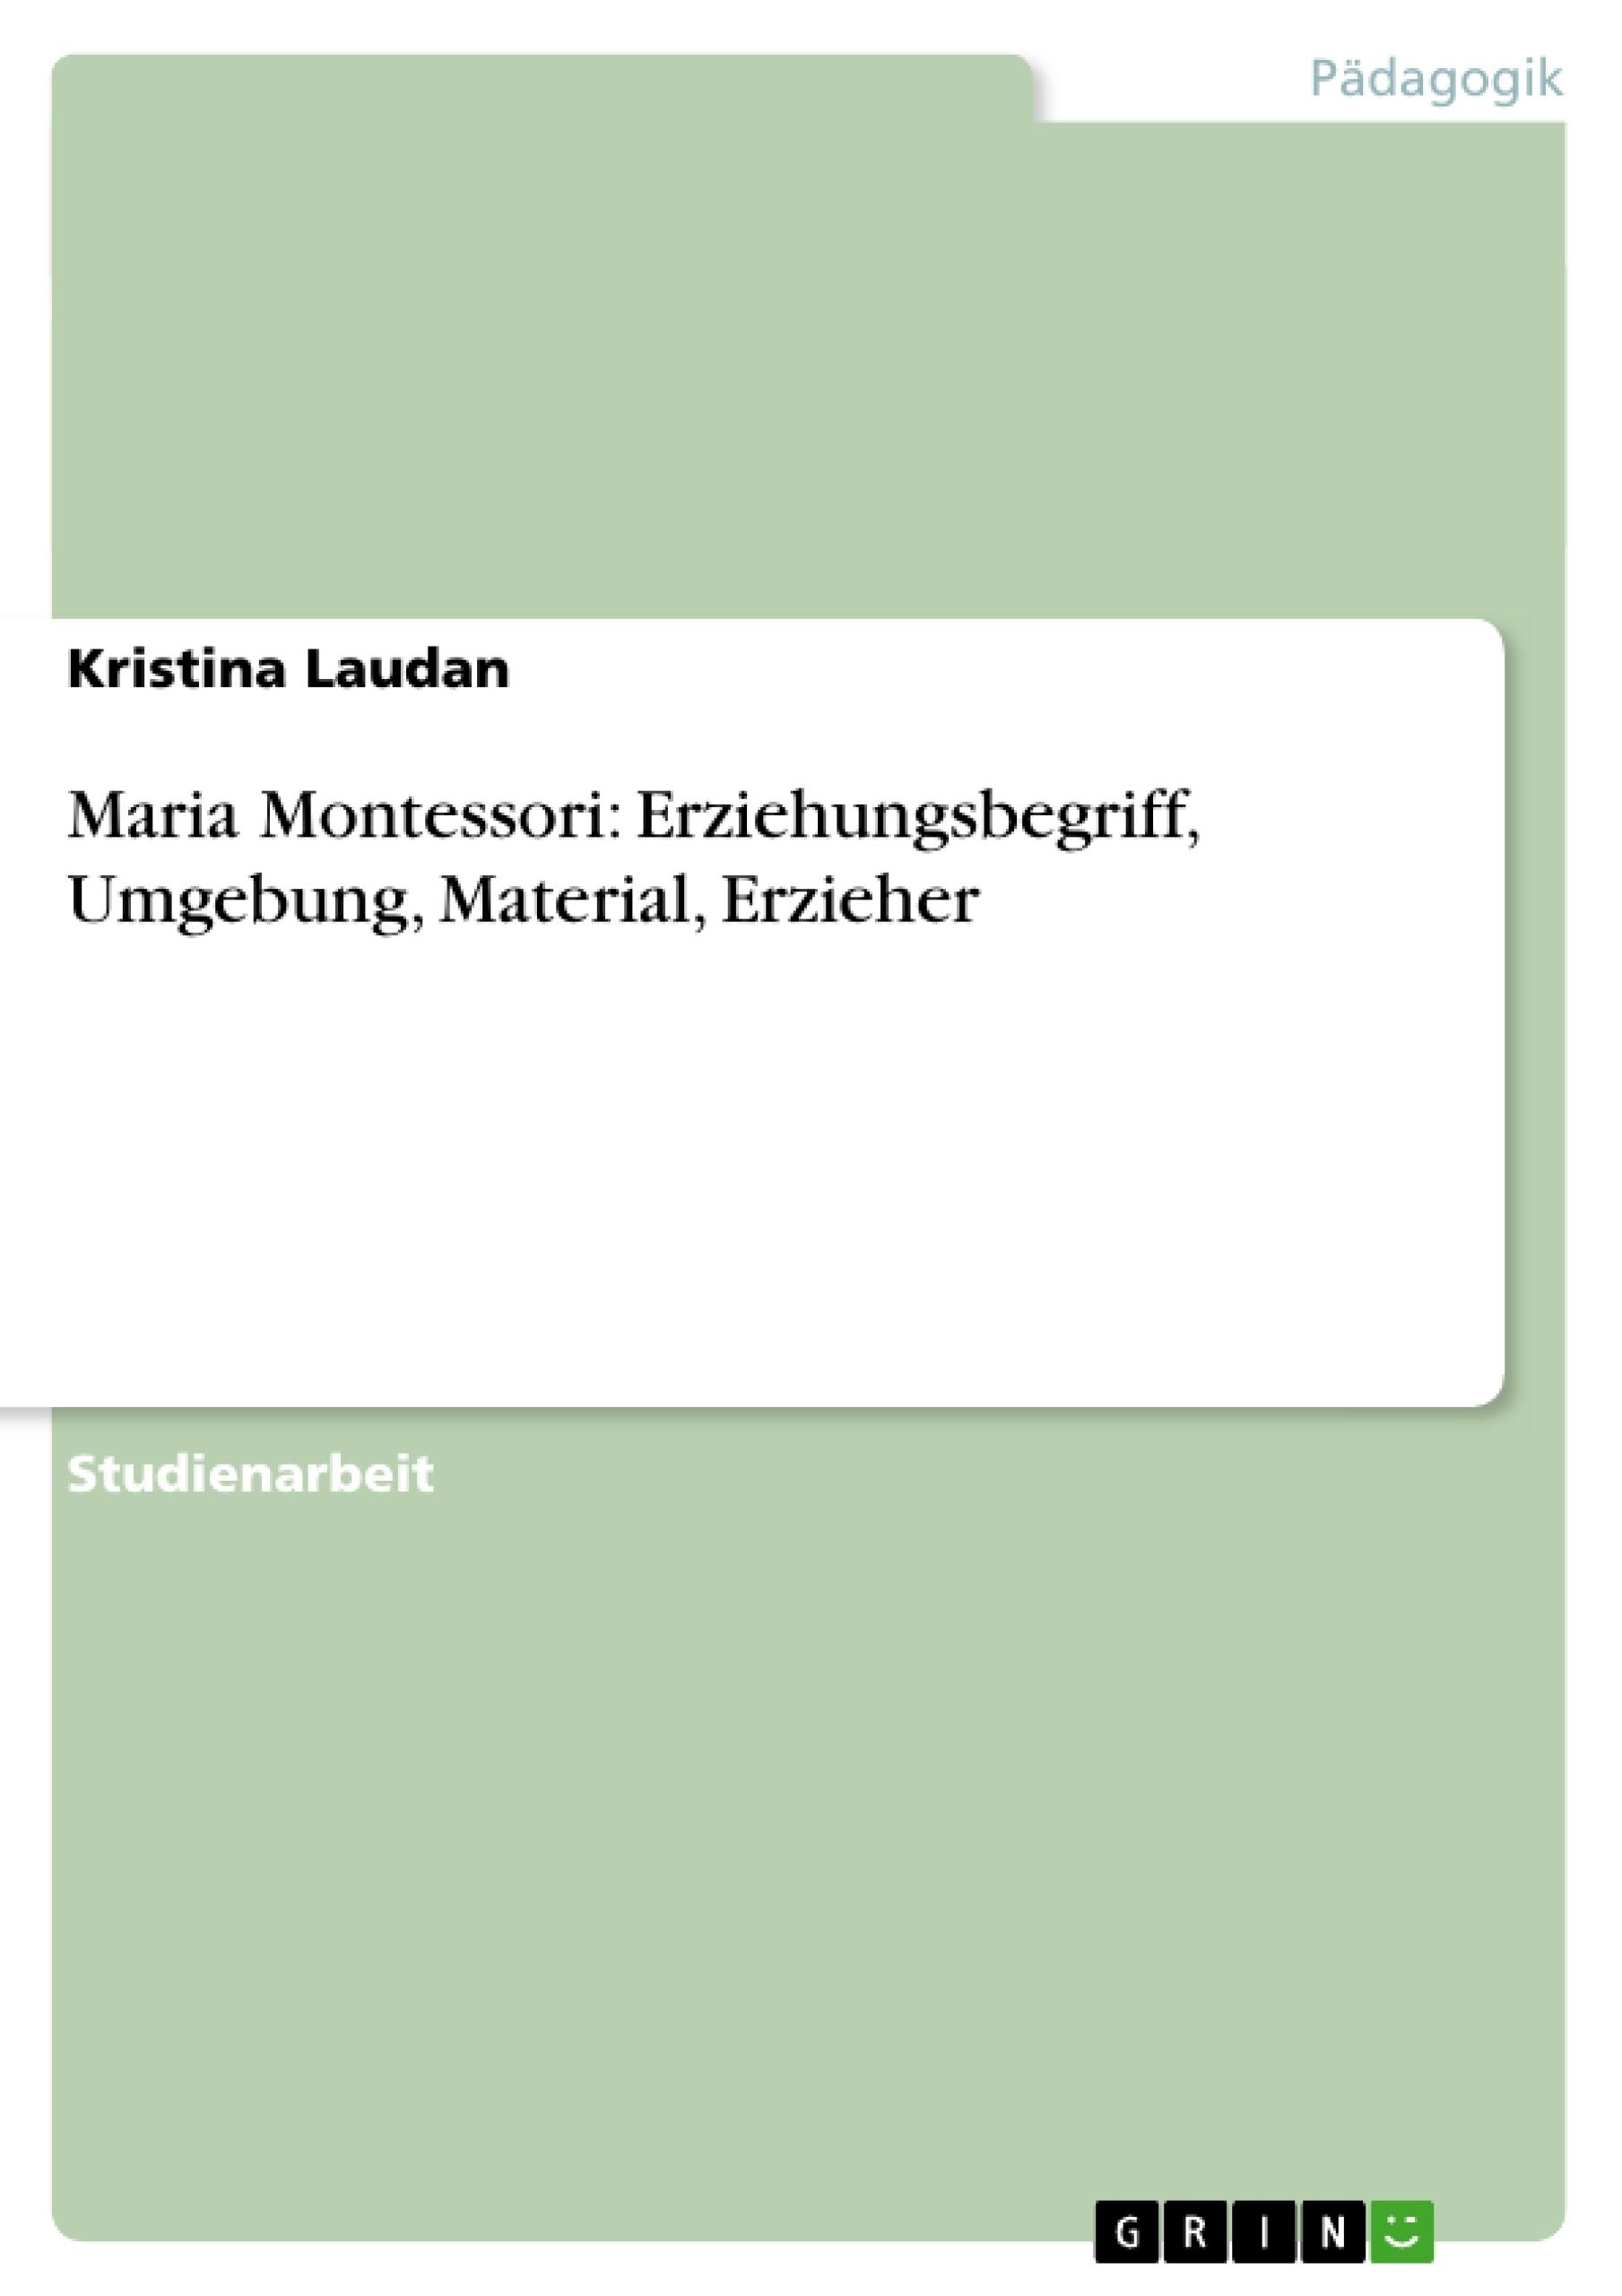 Titel: Maria Montessori: Erziehungsbegriff, Umgebung, Material, Erzieher